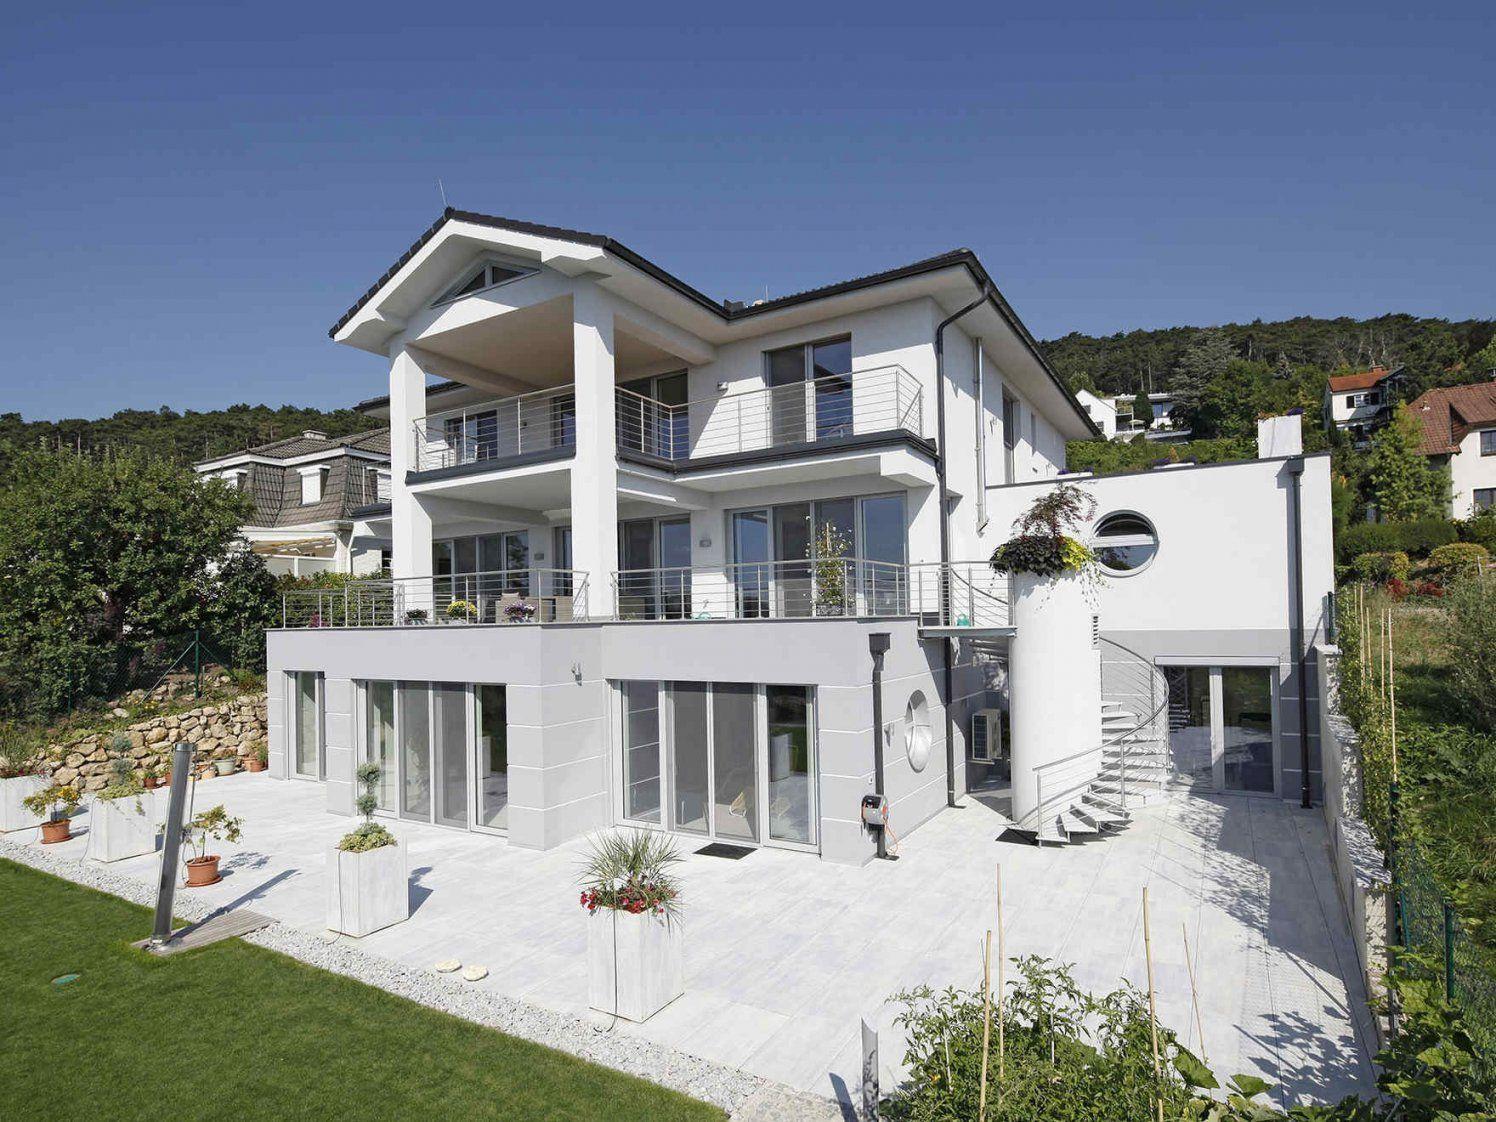 Haus Kaufen Lippstadt Cute Dekor Betreffend Haus Kaufen Lippstadt von Haus Kaufen In Schweiz Bild